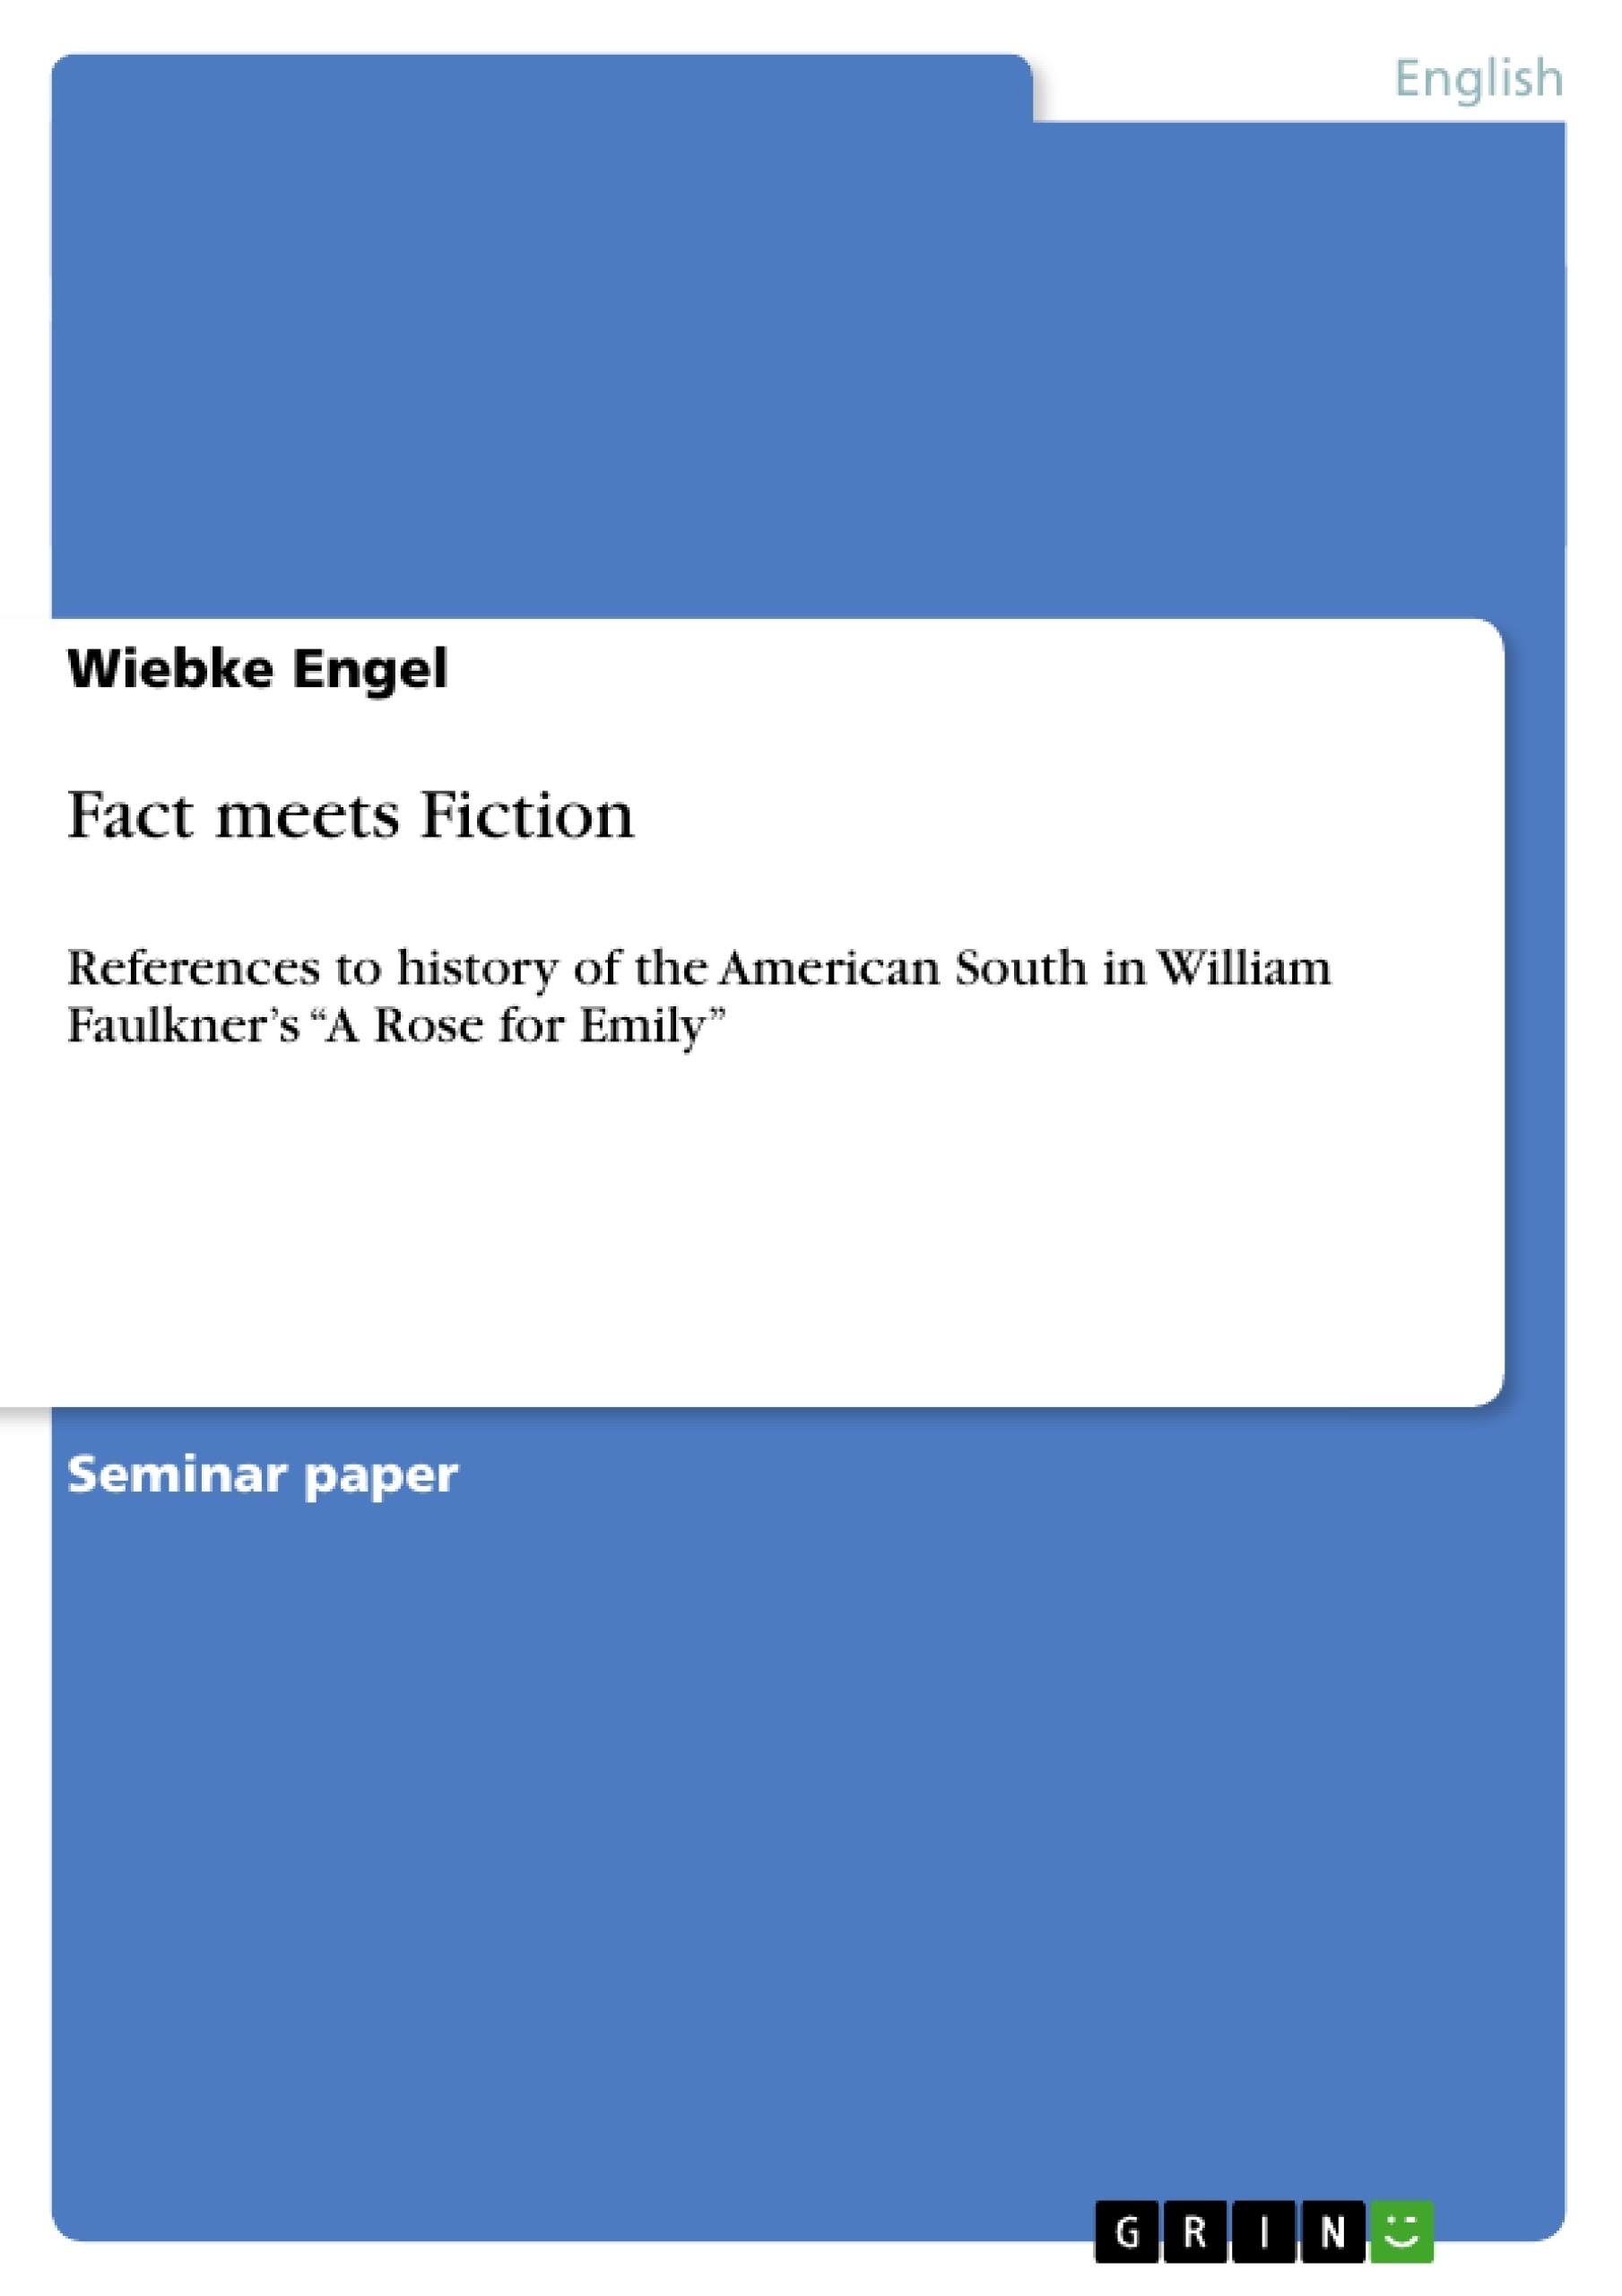 Title: Fact meets Fiction